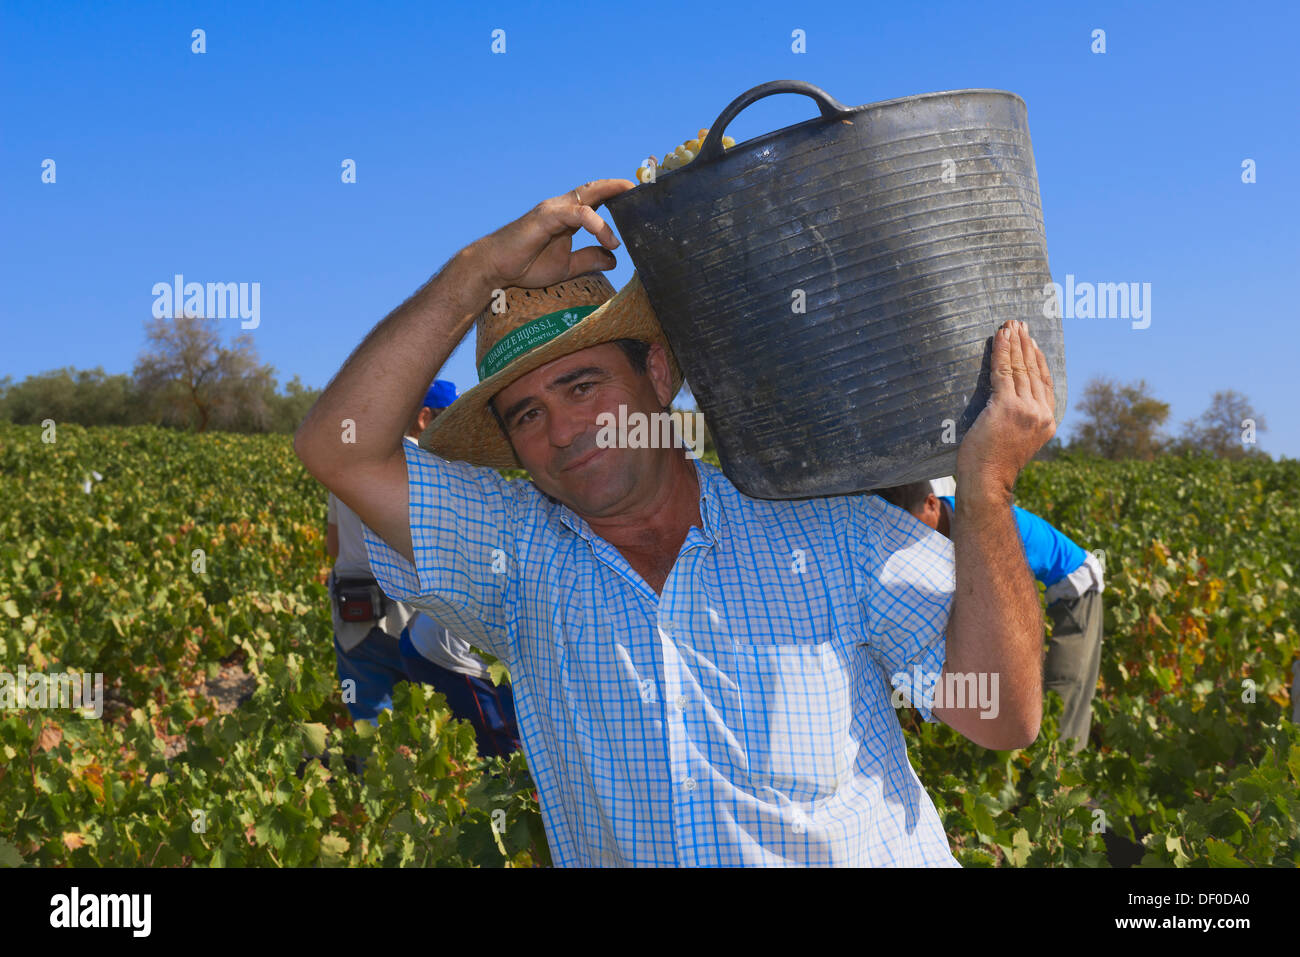 Montilla, raccolta Pedro Ximenez vino uve, Vintage in un vigneto a Montilla, area Montilla-Moriles, in provincia di Cordoba, eun Immagini Stock